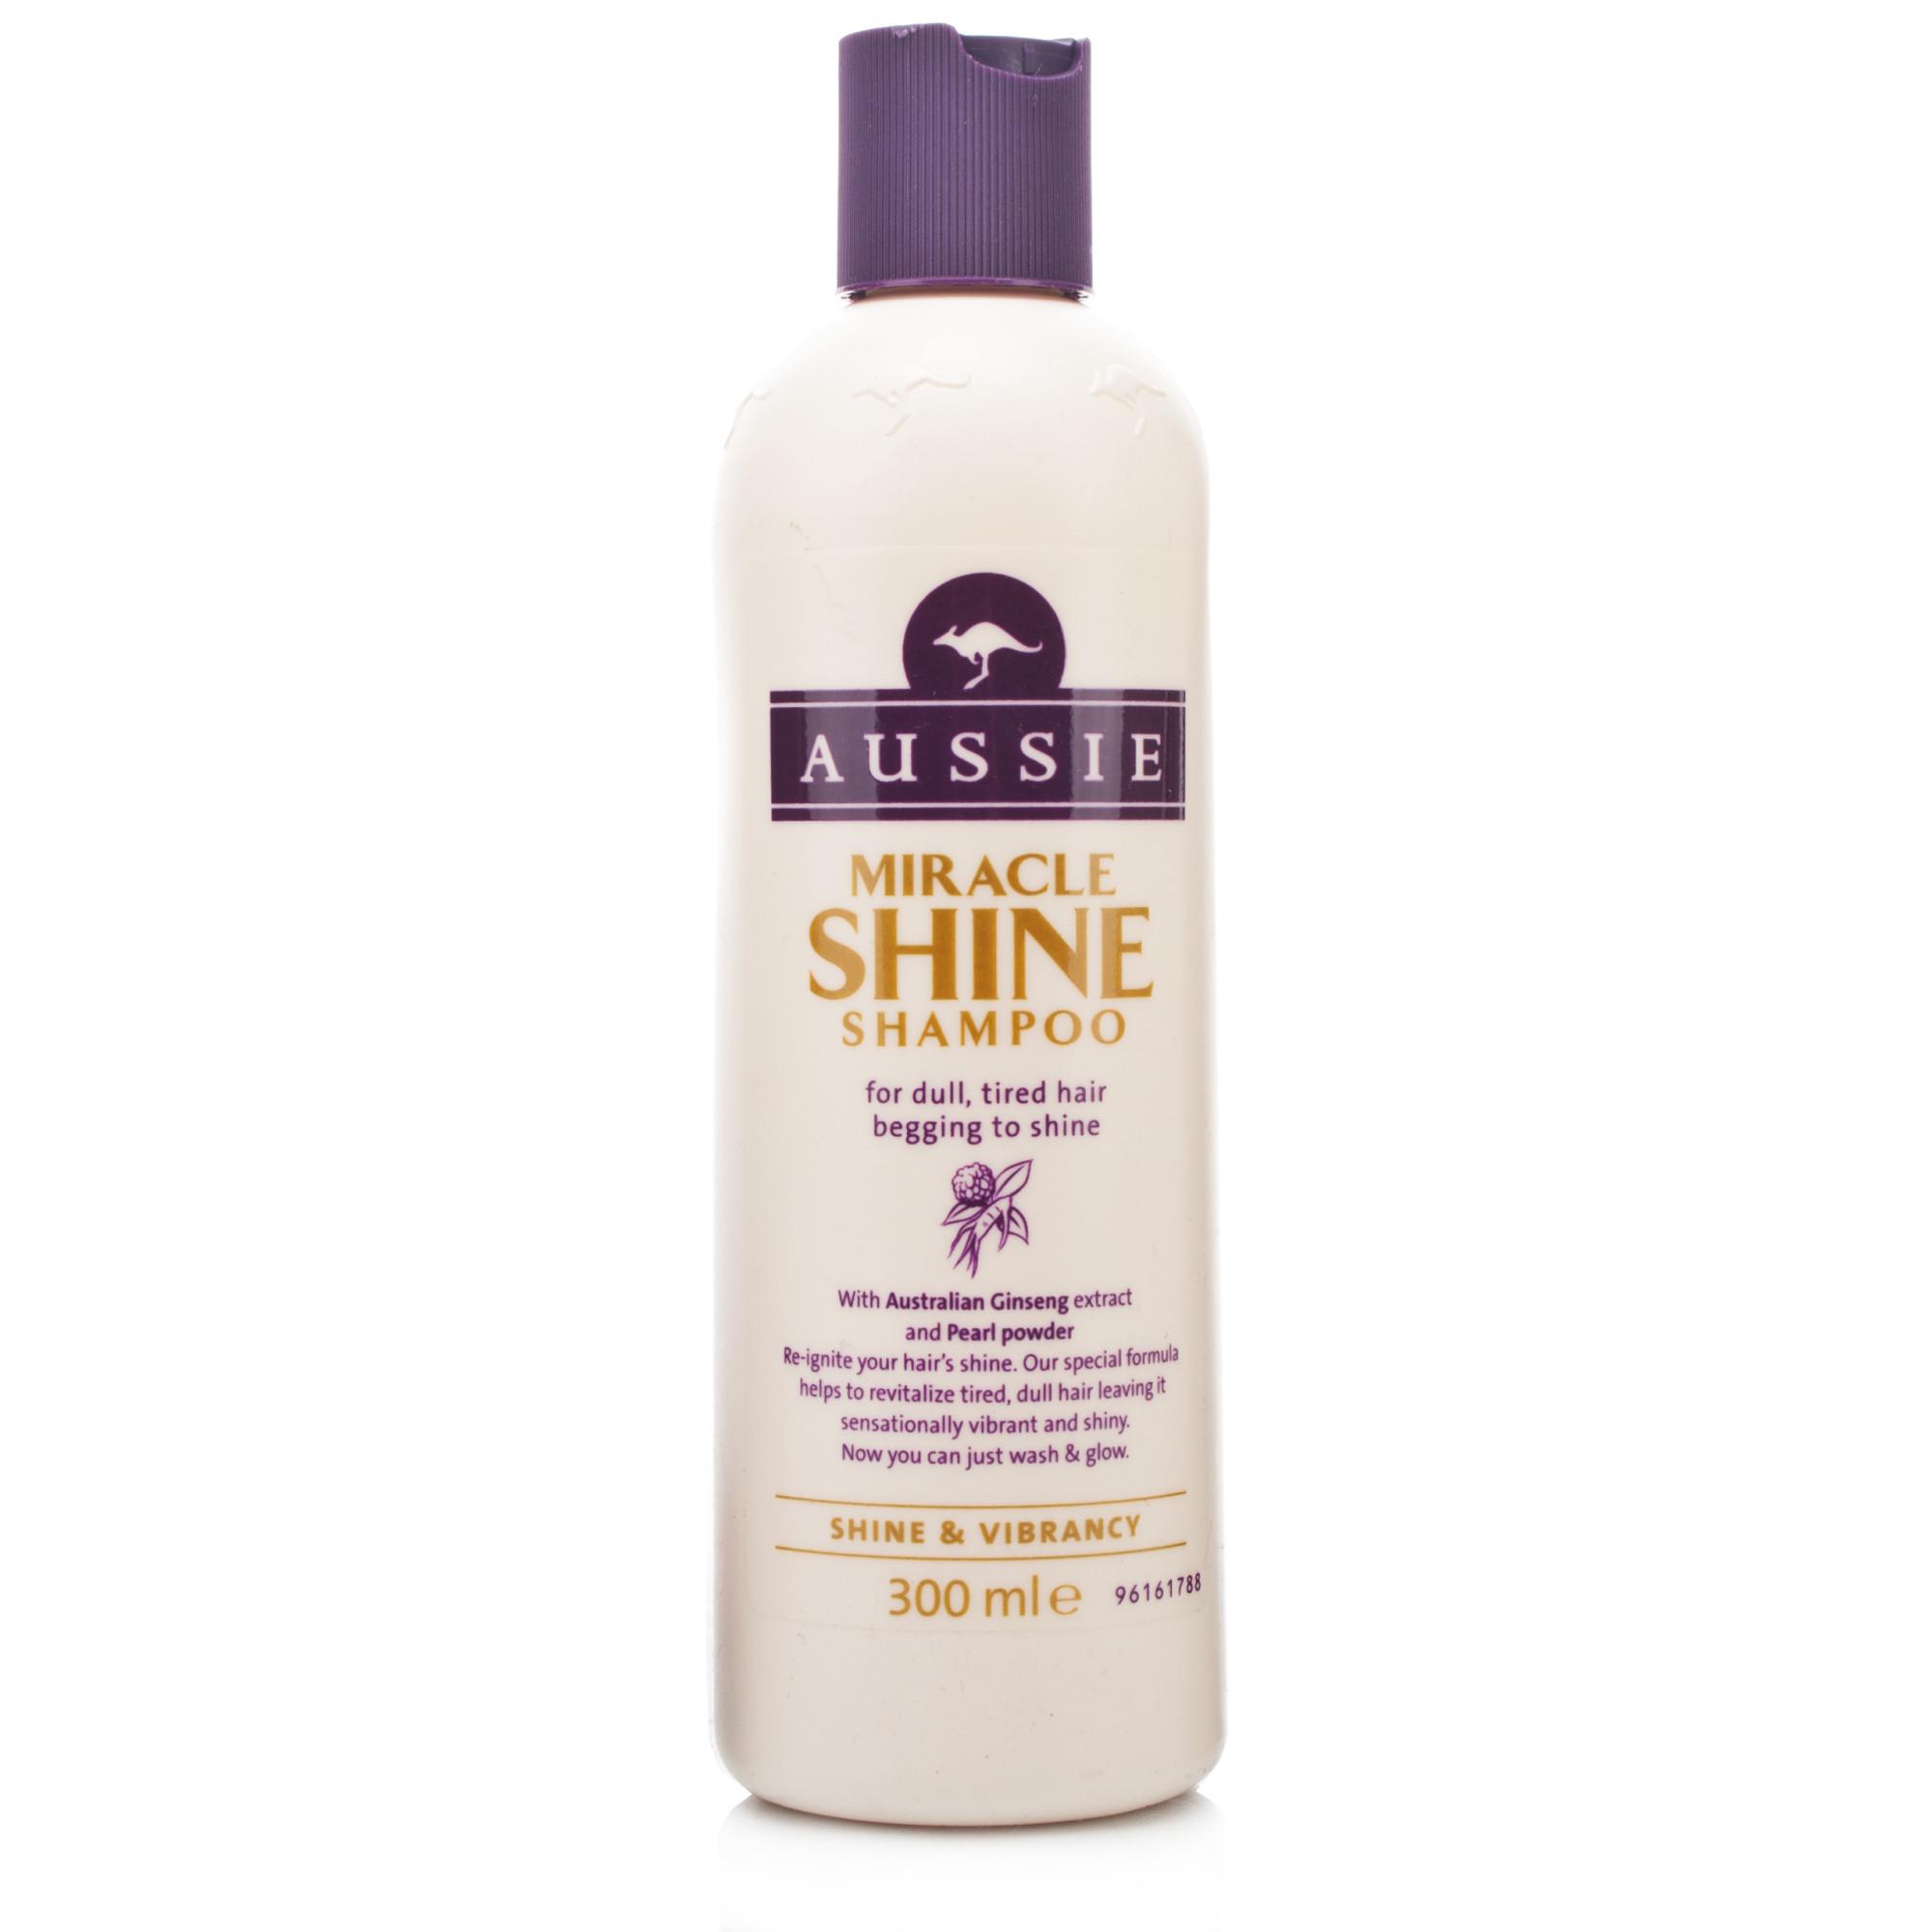 Aussie Miracle Shine Shampoo